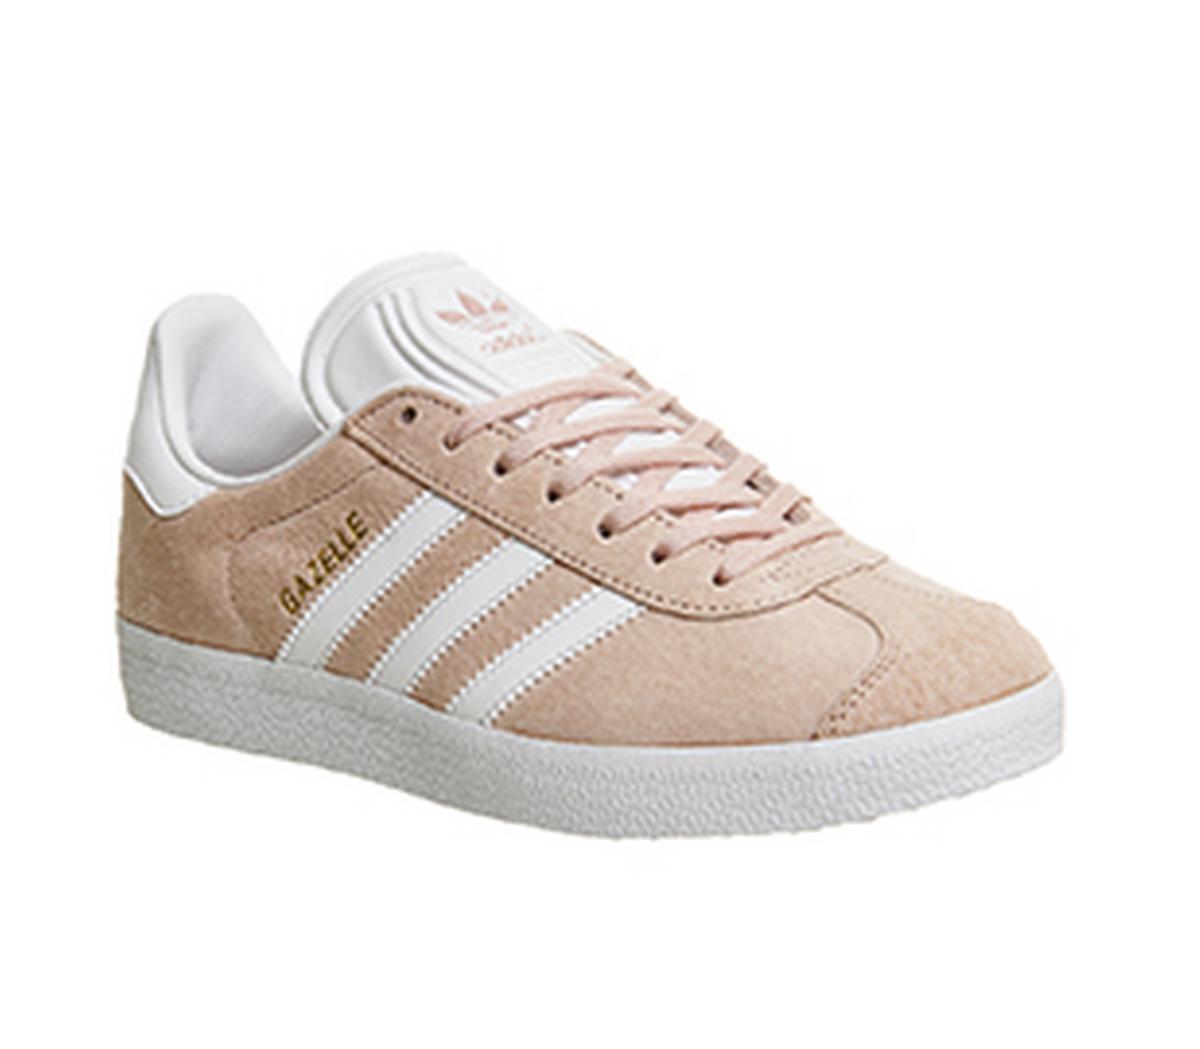 precio de calle venta reino unido la venta de zapatos adidas Gazelle Vapour Pink White - His trainers